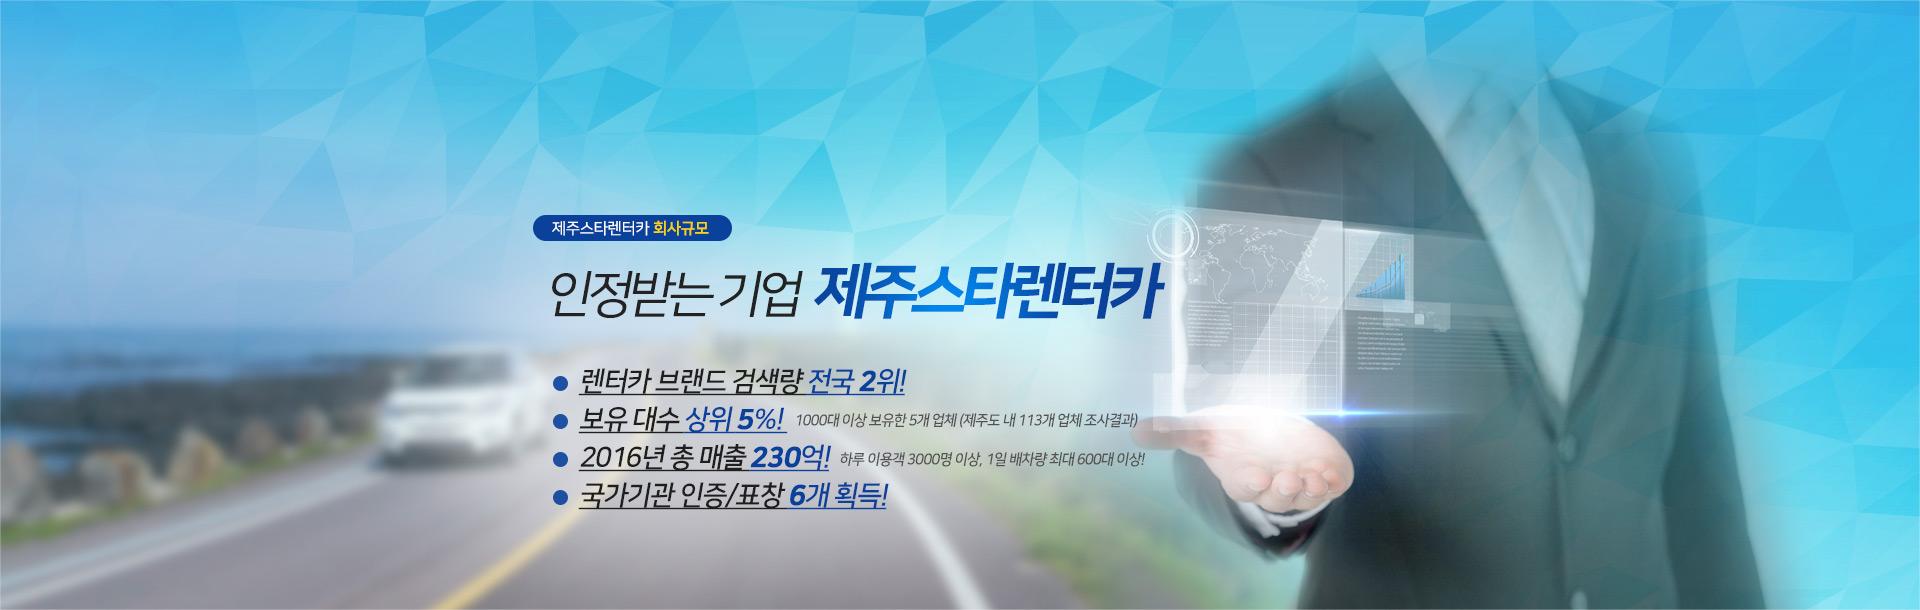 회사규모 홍보 배너